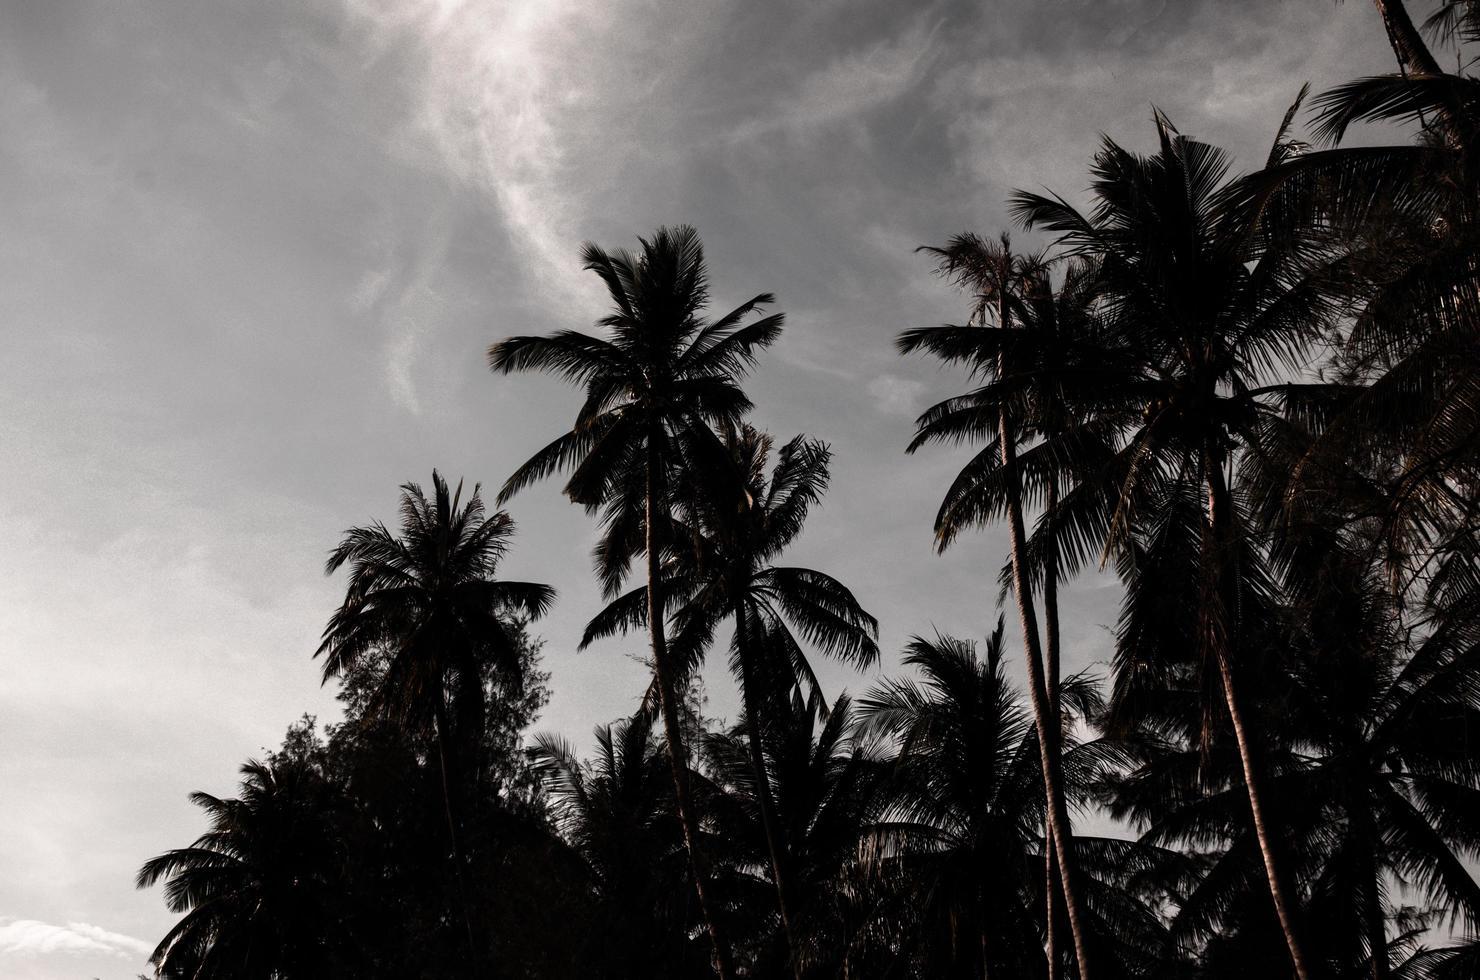 palmiers la nuit photo